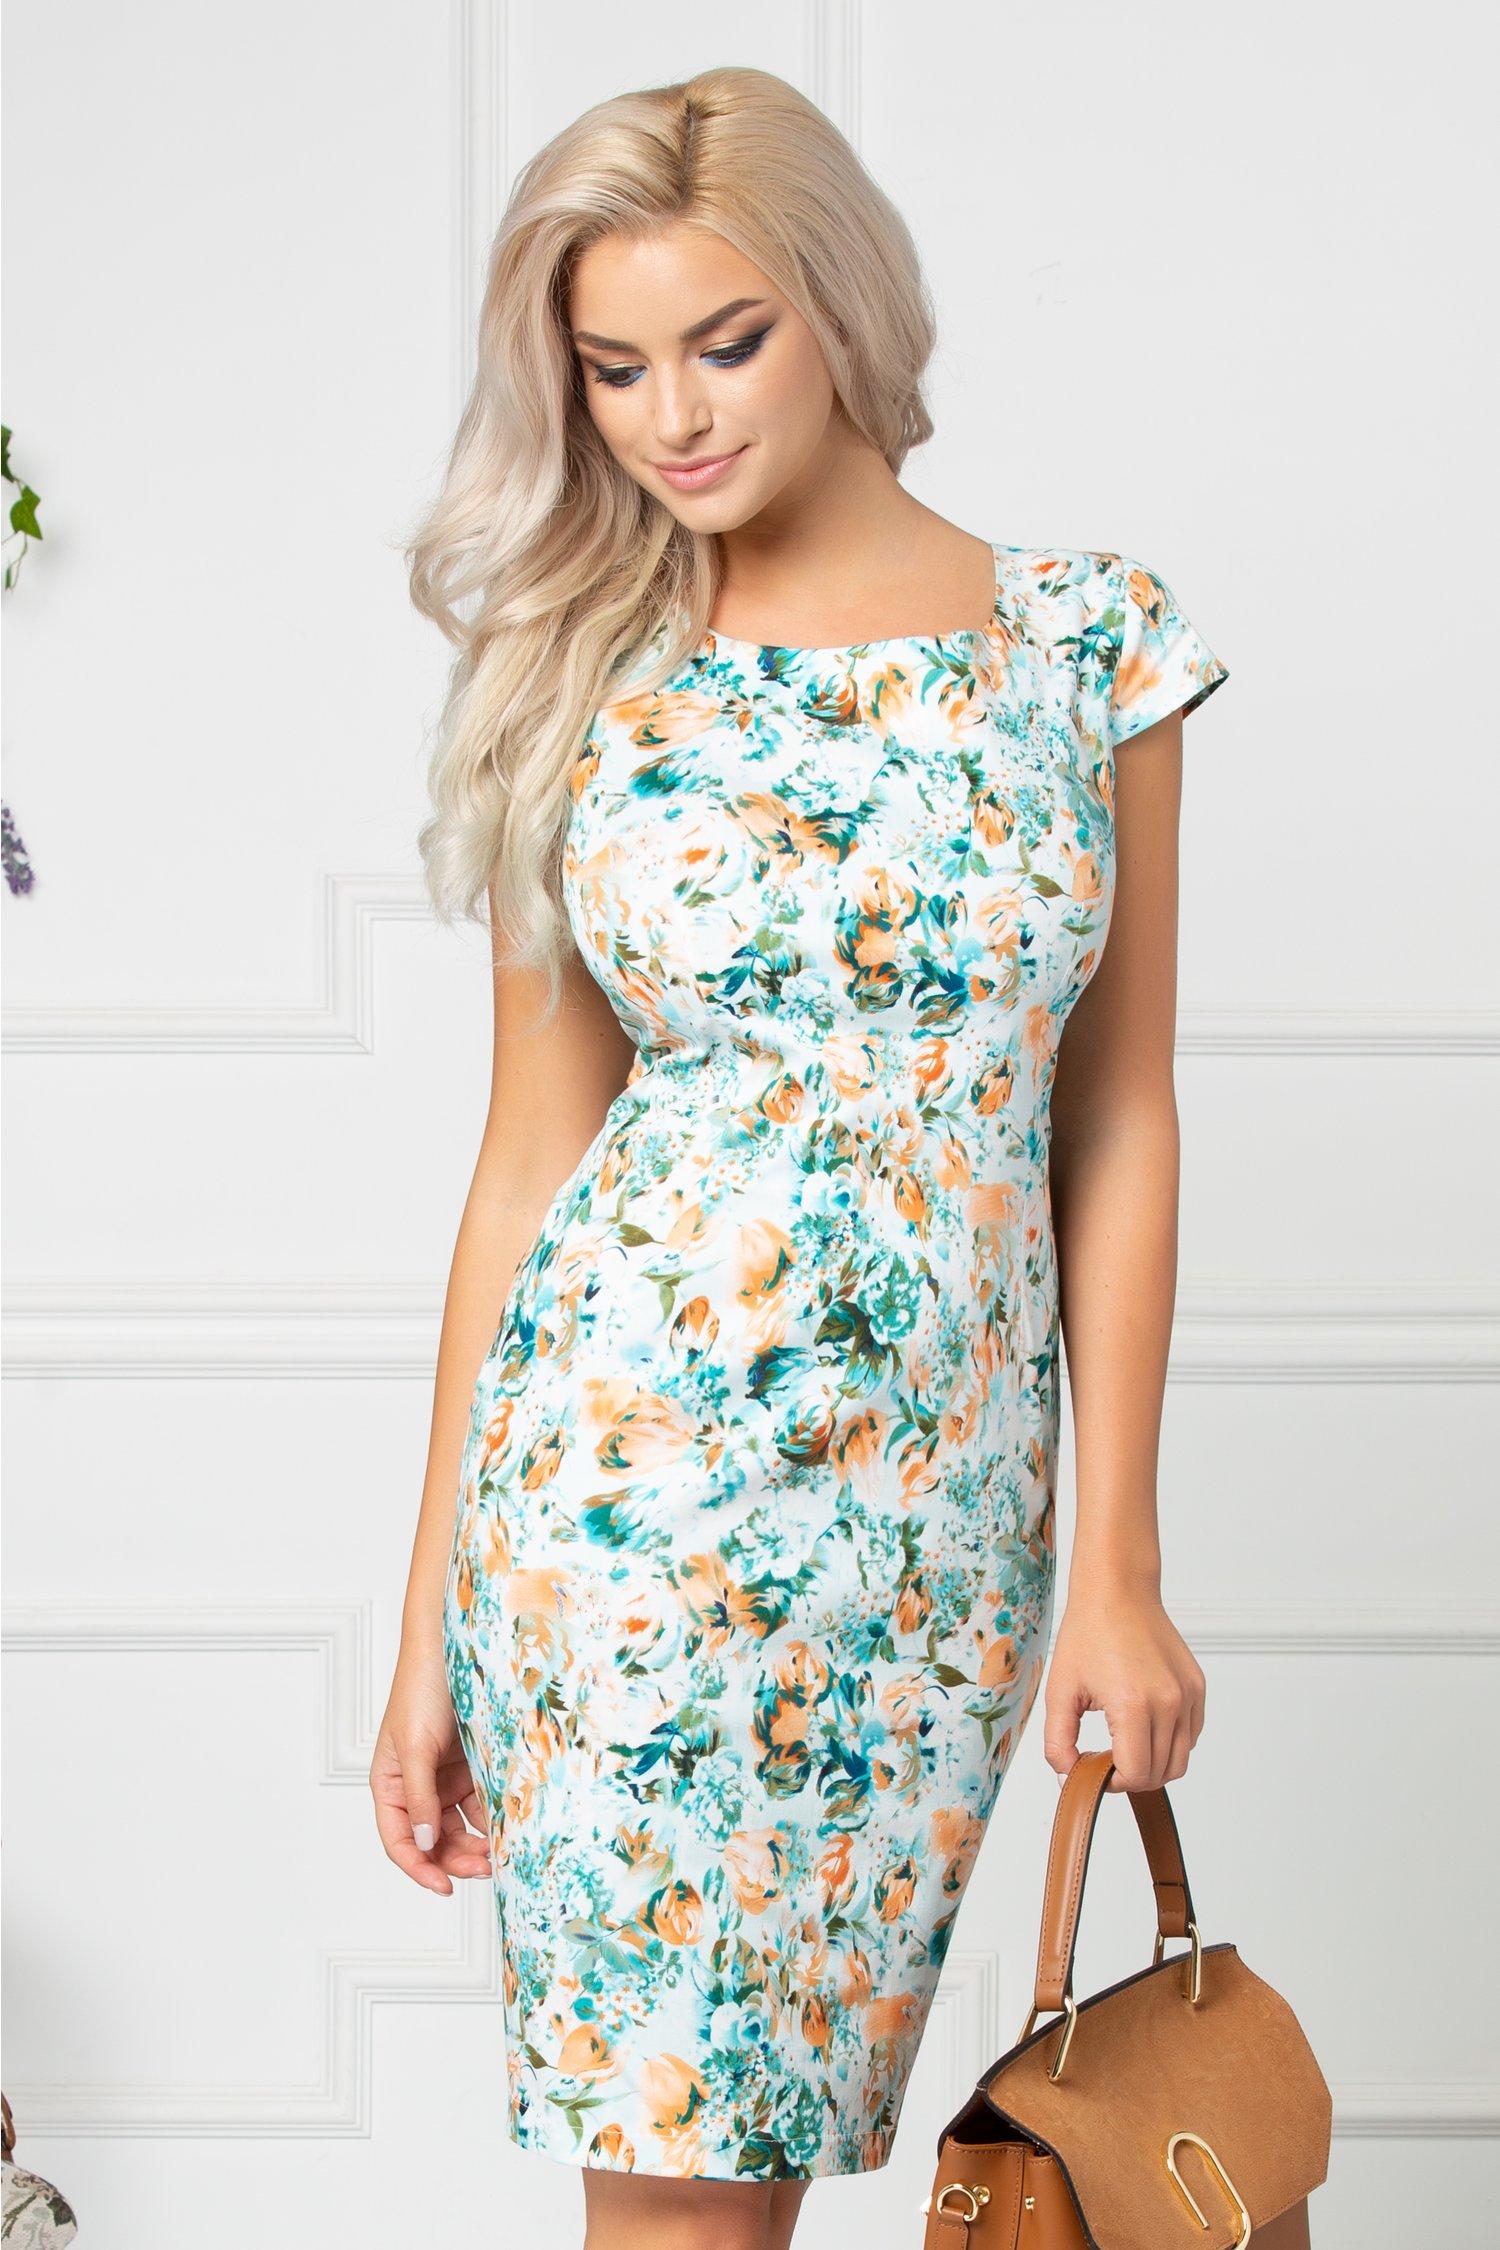 Rochie Erica bleu cu flori orange